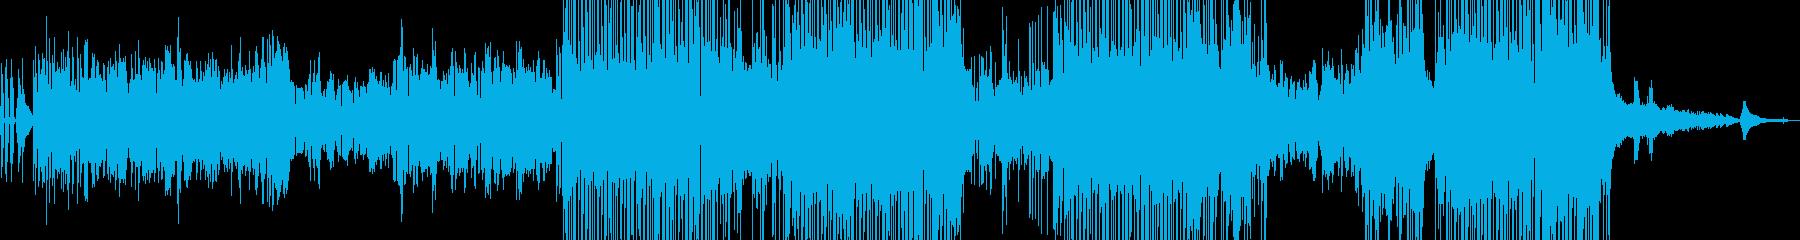 フルート・涼しい風景 後半ドラム・長尺の再生済みの波形